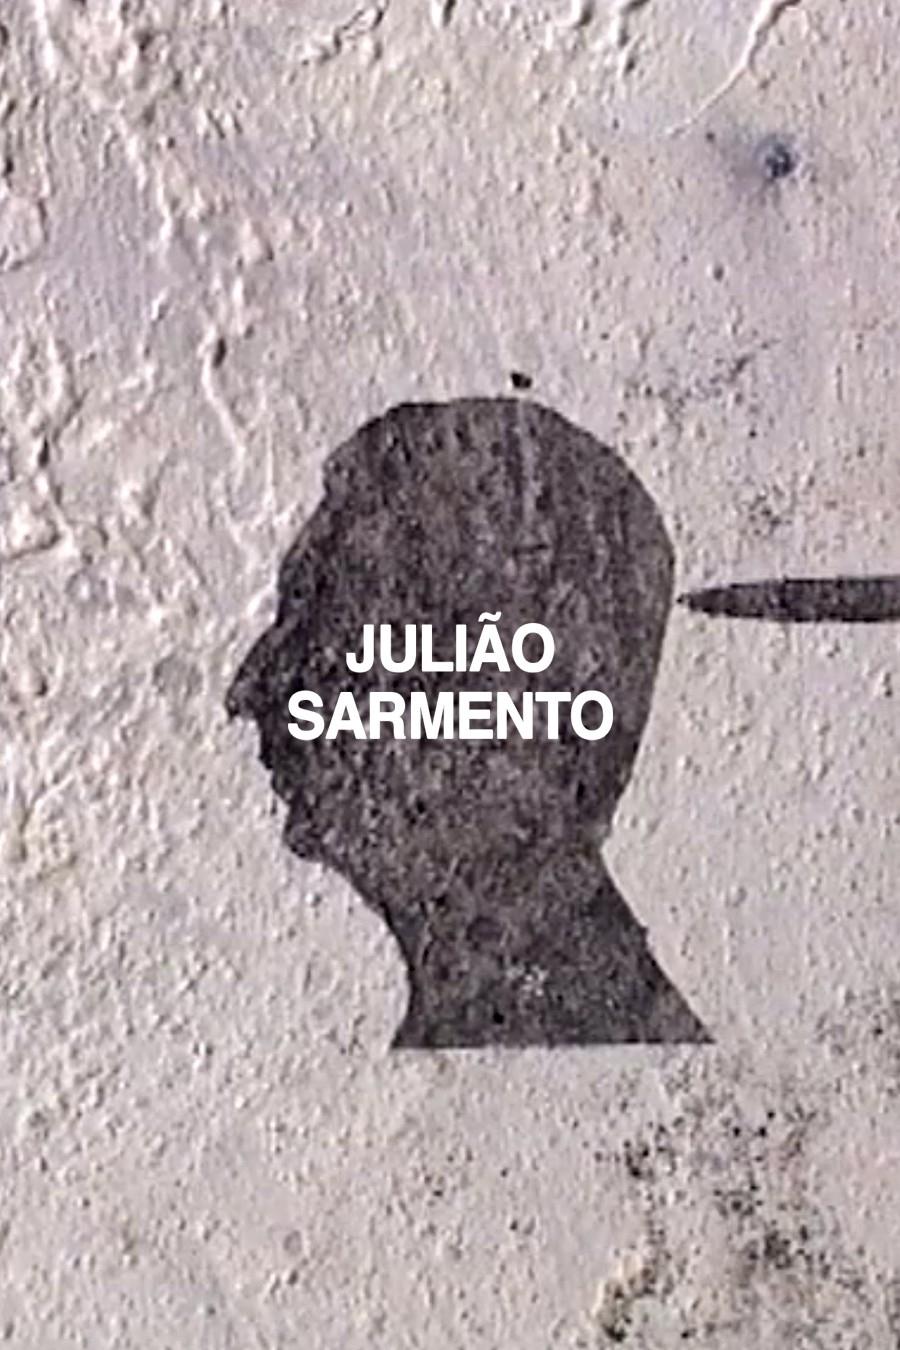 Julião Sarmento